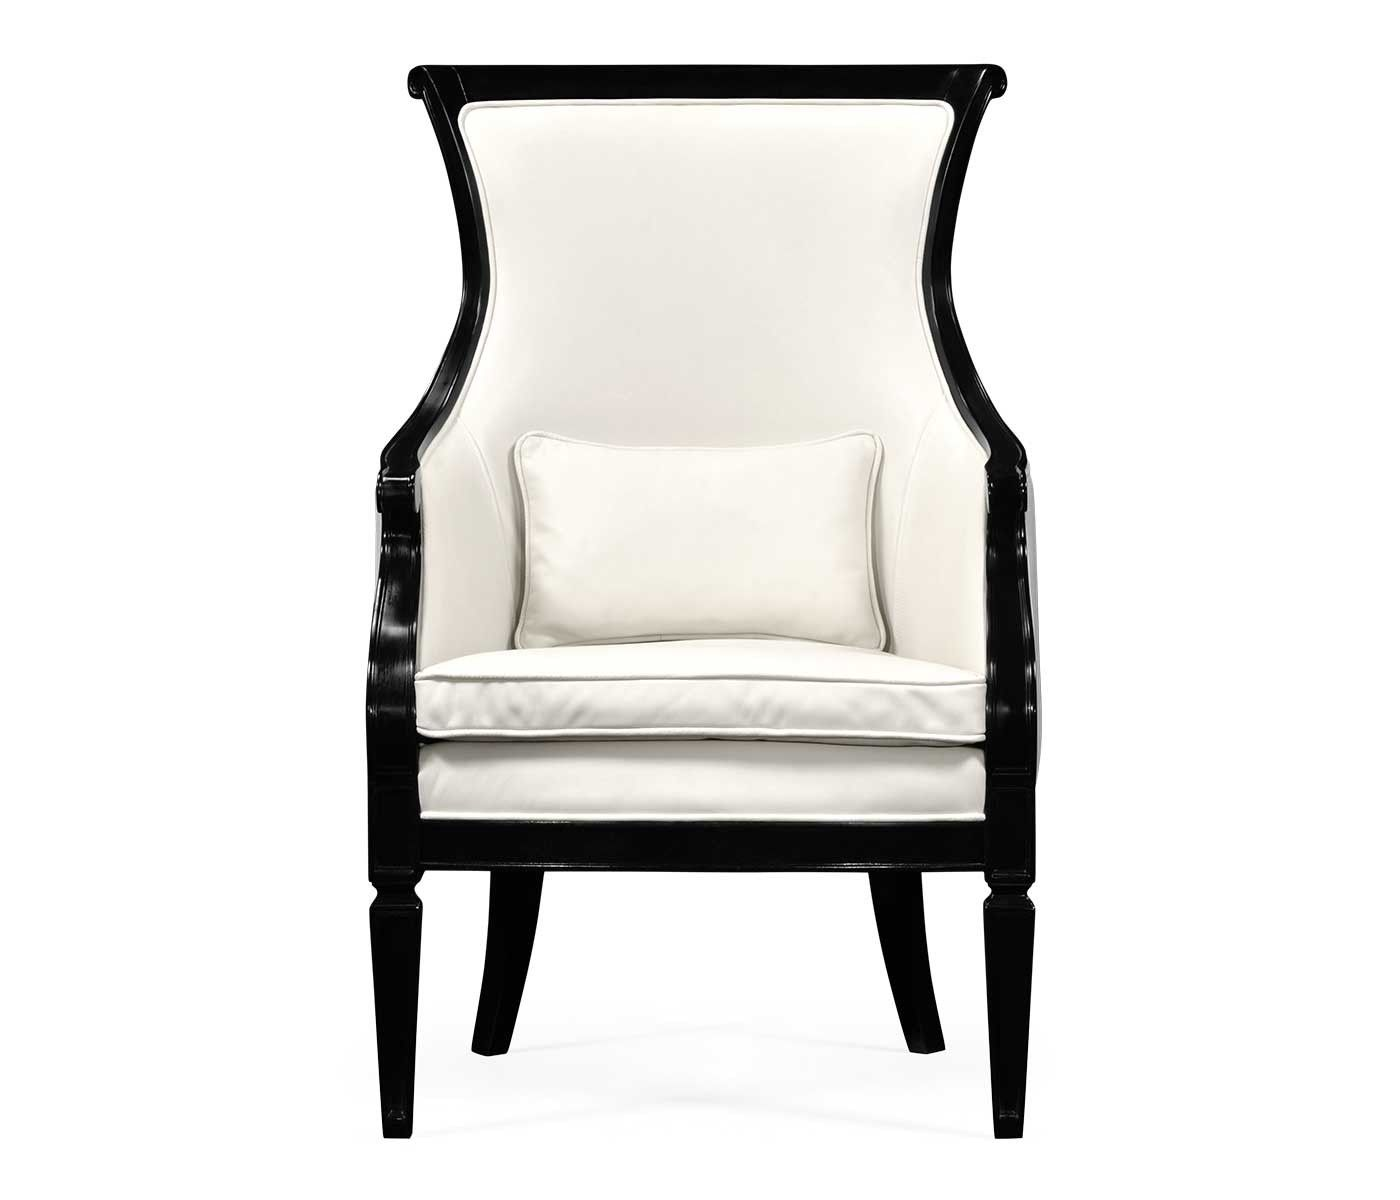 Black And White Upholstered Chair Stuhlede Com Stuhl Design Stuhl Polstern Design Ideen